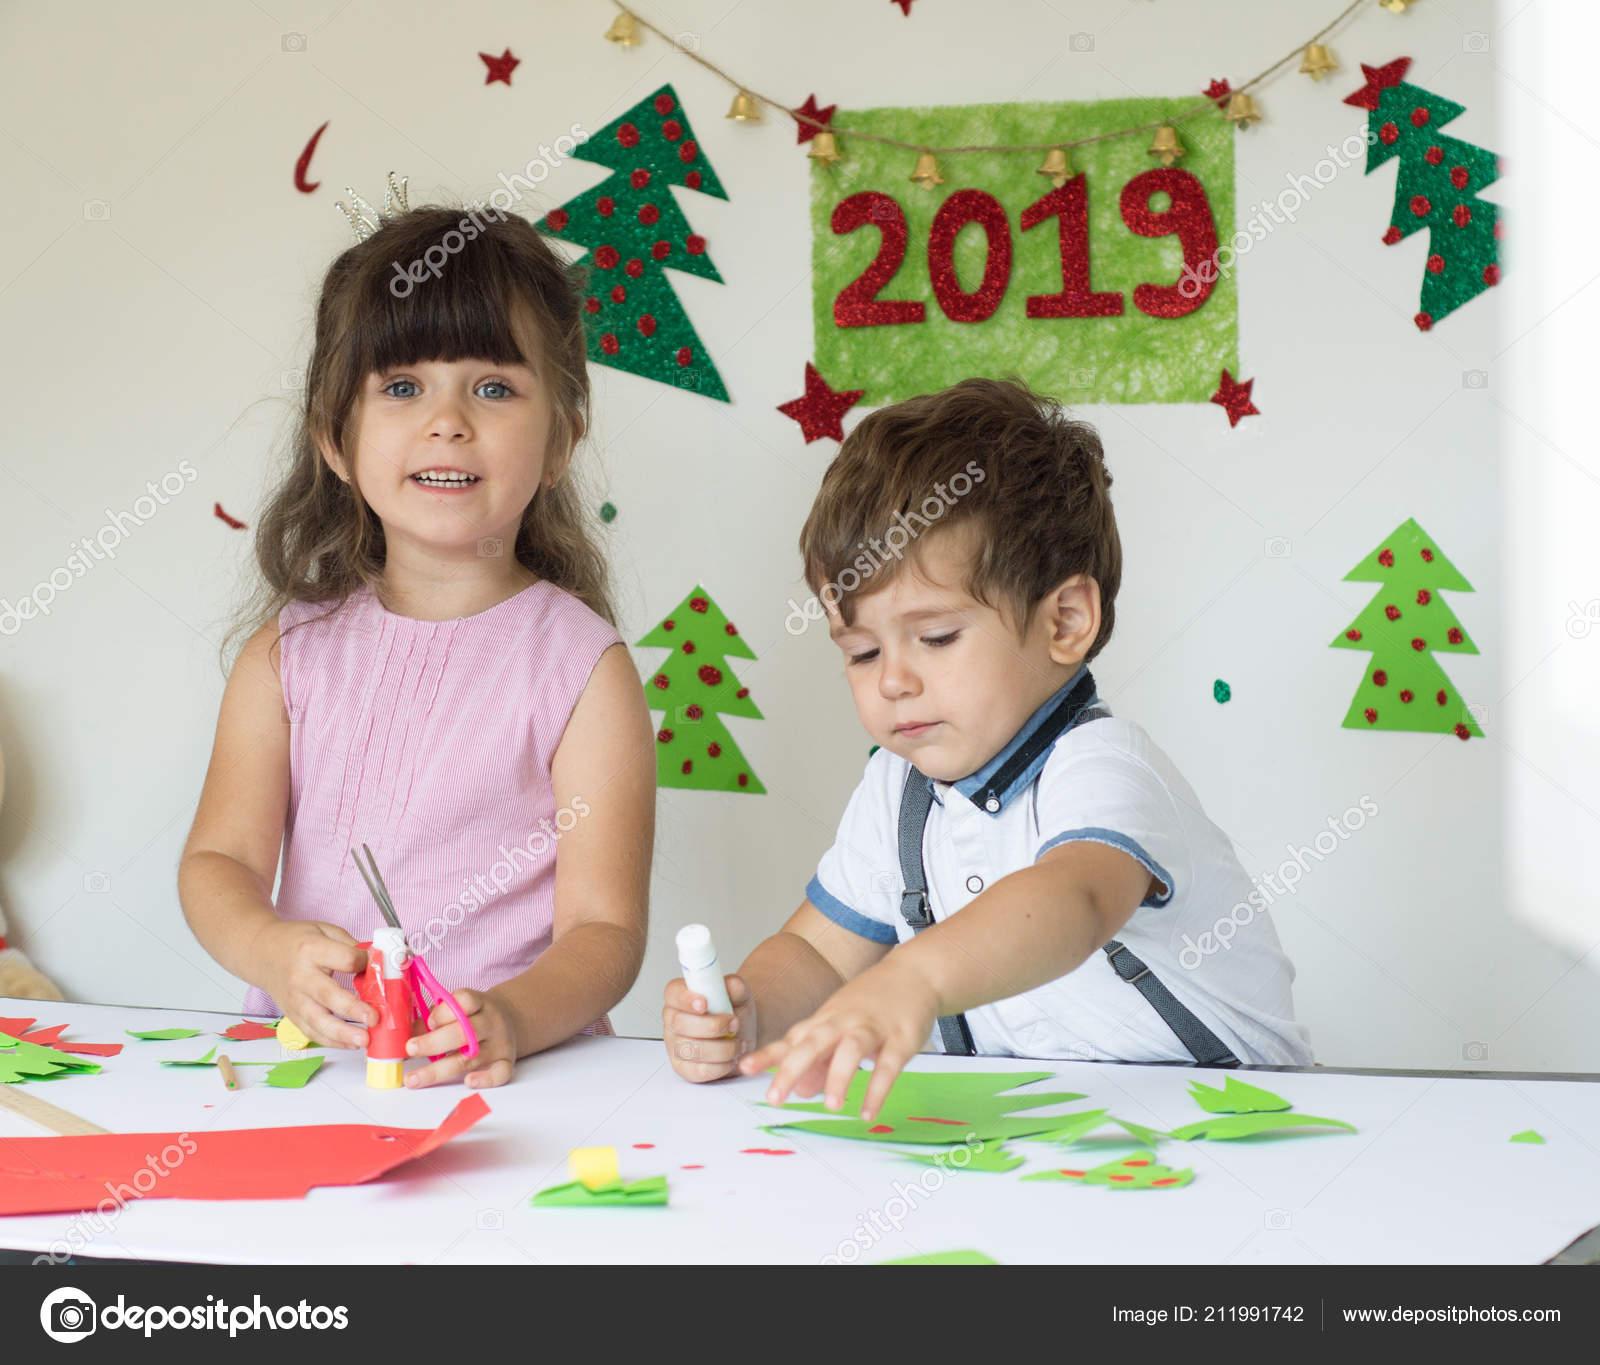 Winterurlaub Weihnachten 2019.Lustige Kinder Machen Weihnachtskarten Lächelnd Weihnachten Und 2019